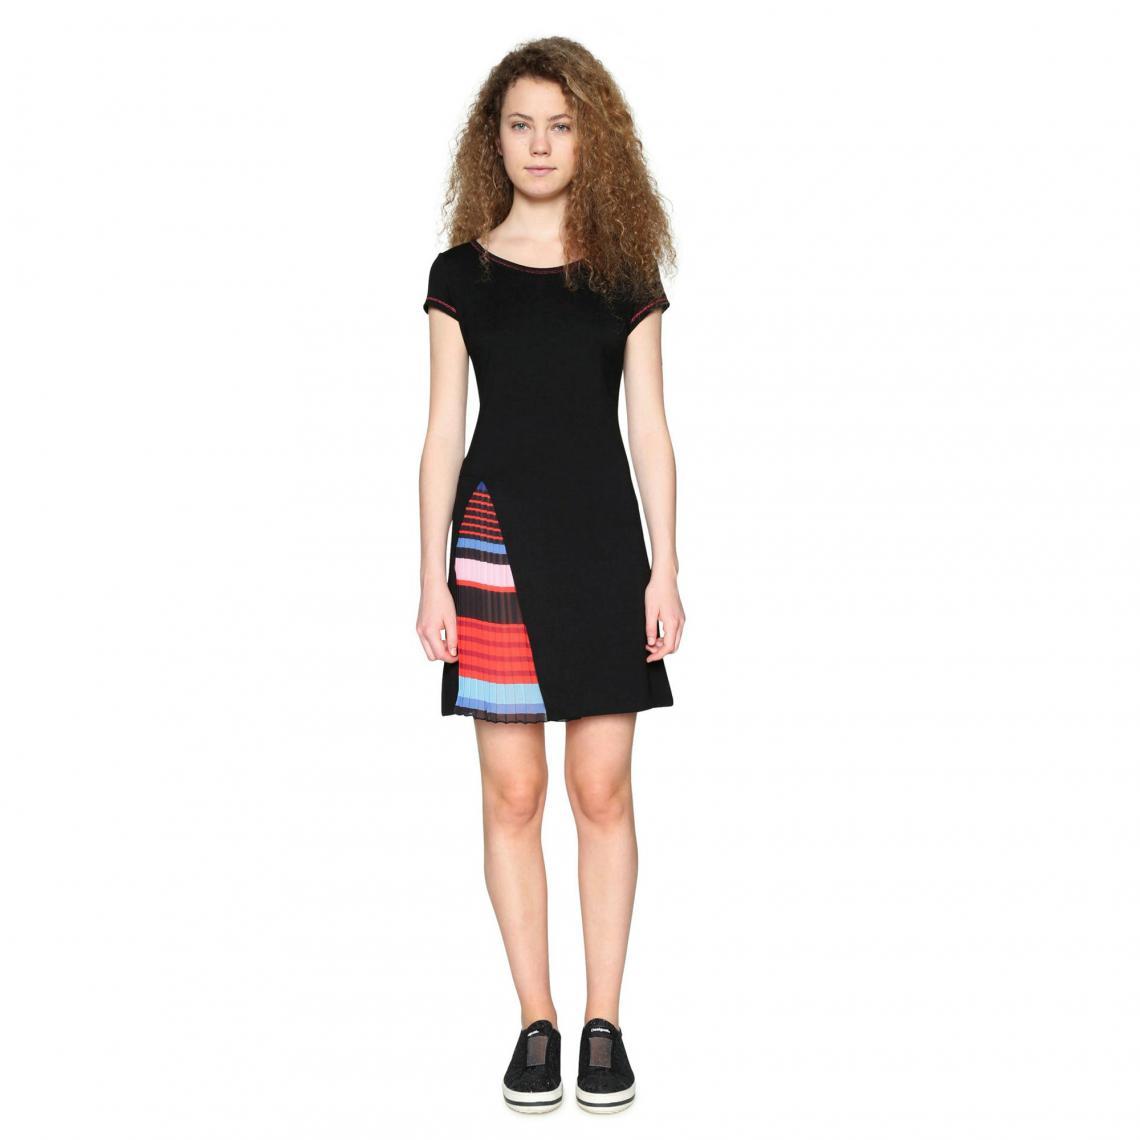 Robe courte doublure fantaisie rayée femme Desigual - Noir - 3Suisses